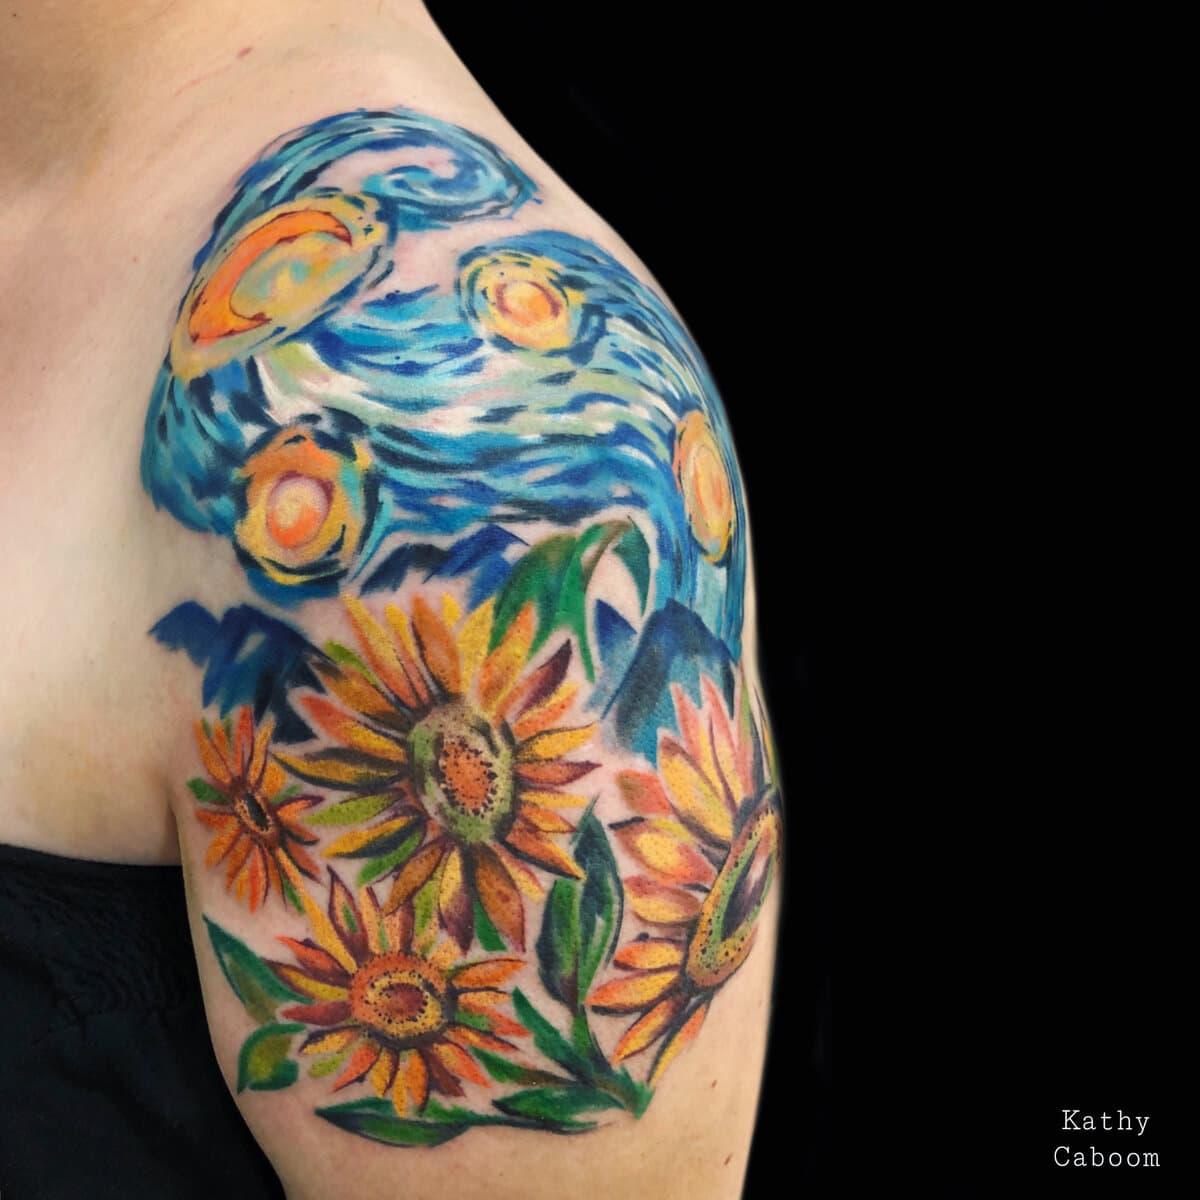 kathycaboom-tattoo-artist-impresionist-paint